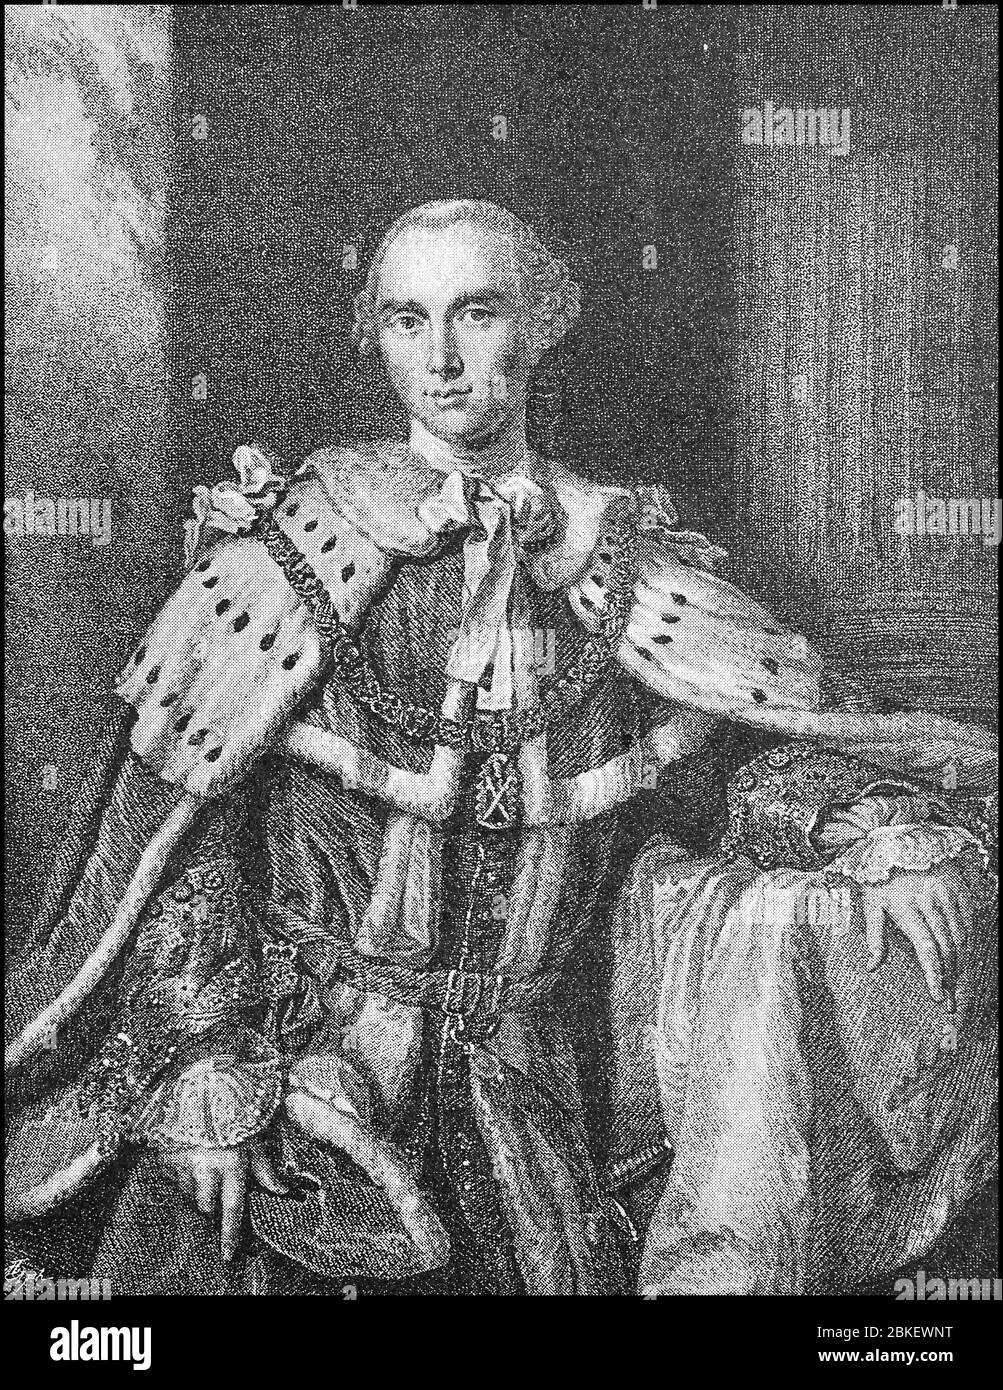 John Stuart, 1st Marquess of Bute